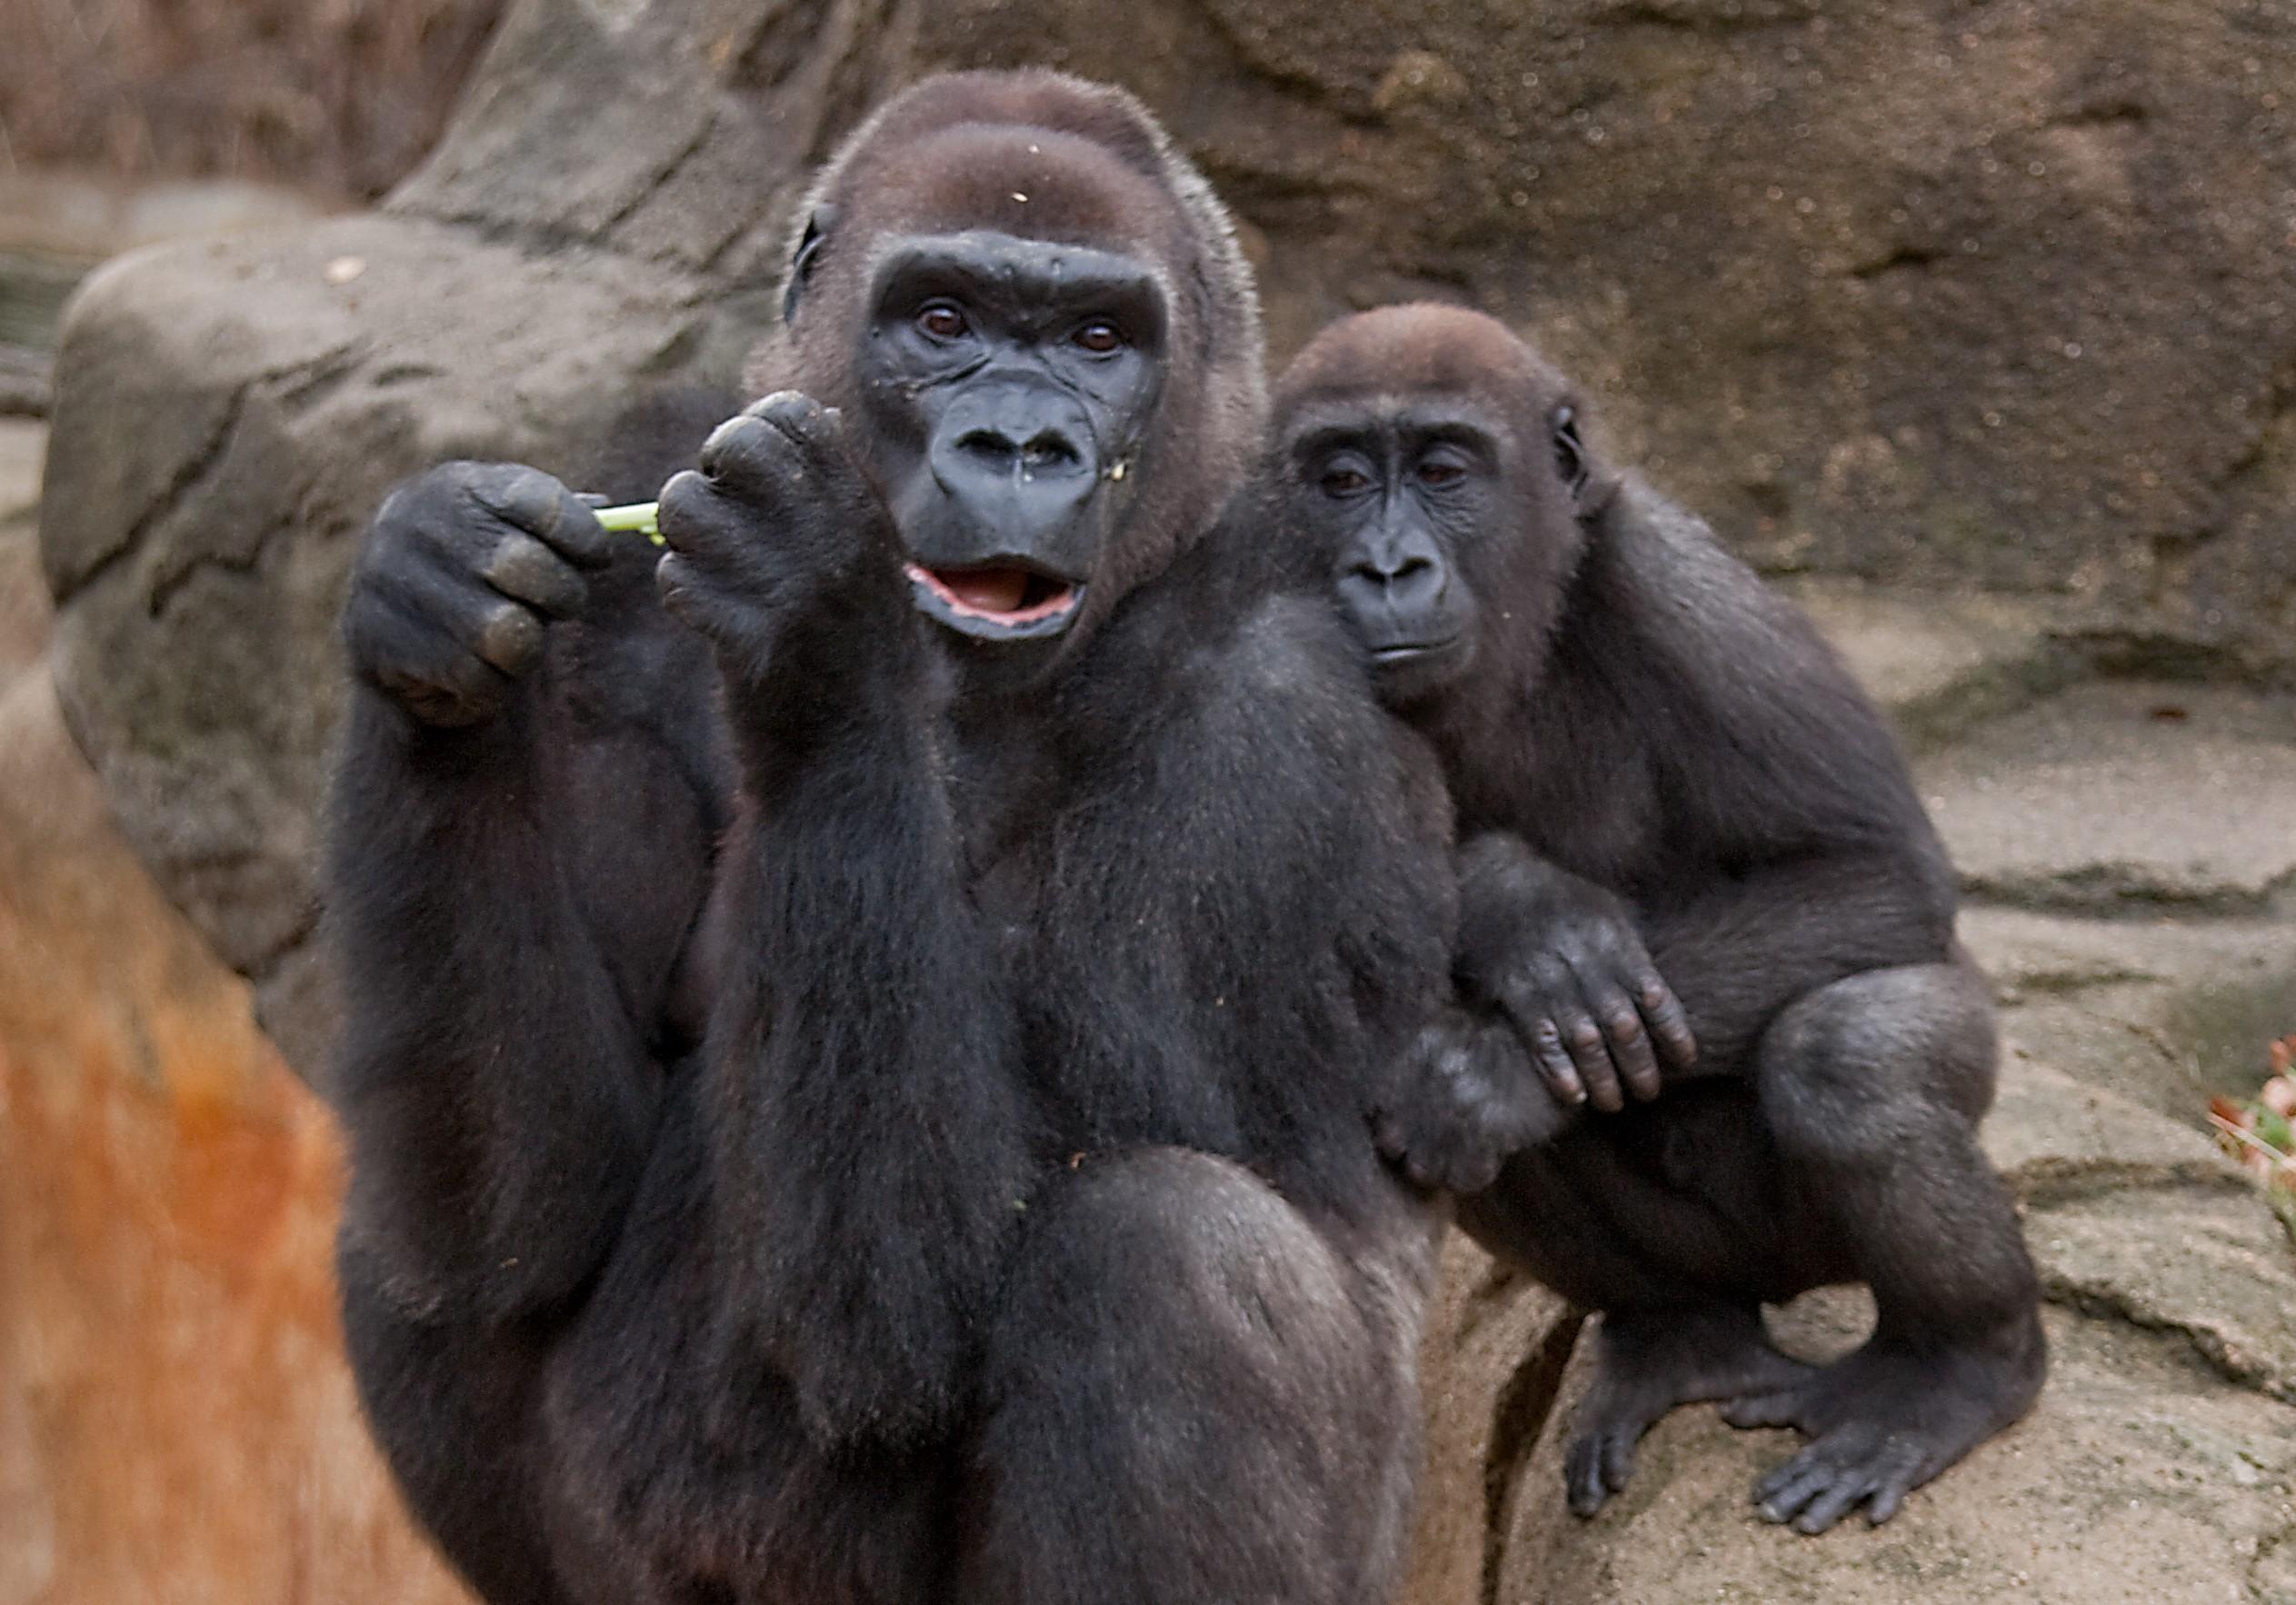 Estudo aponta que espécies de gorilas, orangotangos e golfinhos podem ter mais risco de terem uma infecção de SARS-CoV-2 (Foto: Greg Hume / Wikimedia Commons)